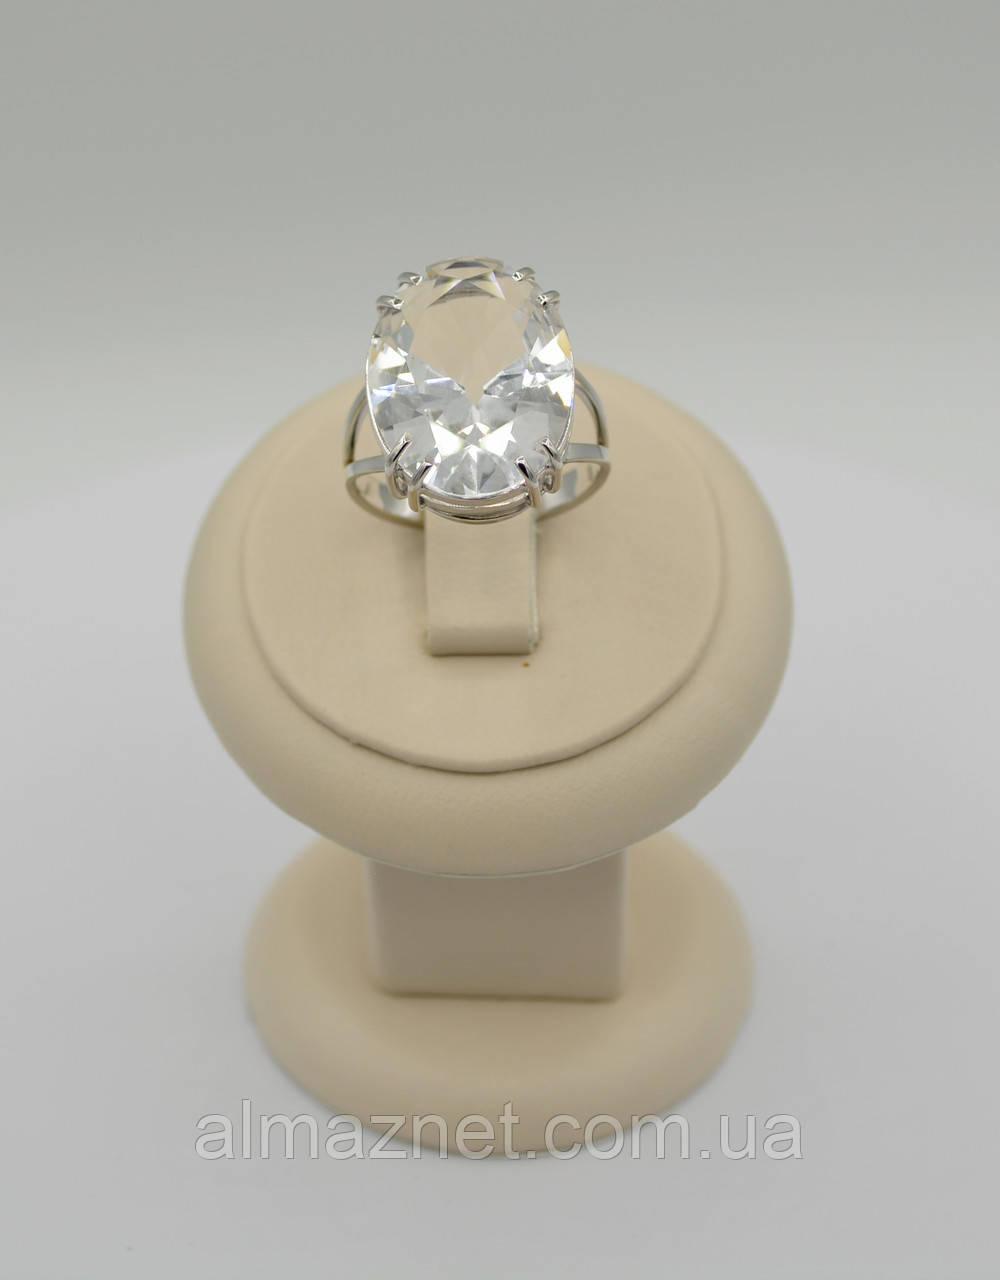 Кольцо из белого золота с горным хрусталем с одним камнем